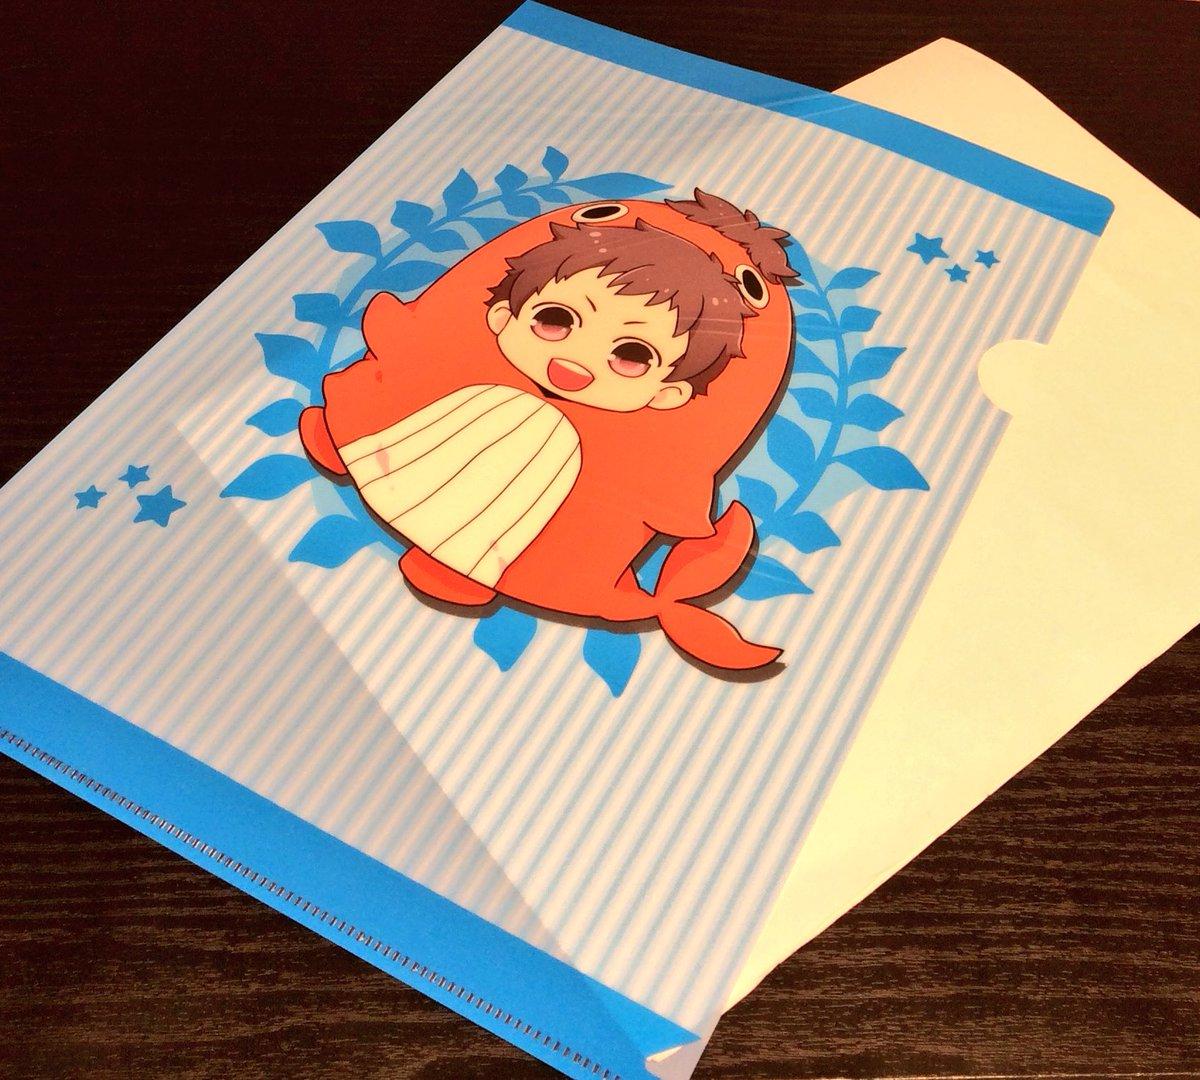 【商品情報】「クリアファイル」各350円+税全5種真昼たちがギルデンスターンの着ぐるみ姿になったかわいいイラストを使用し